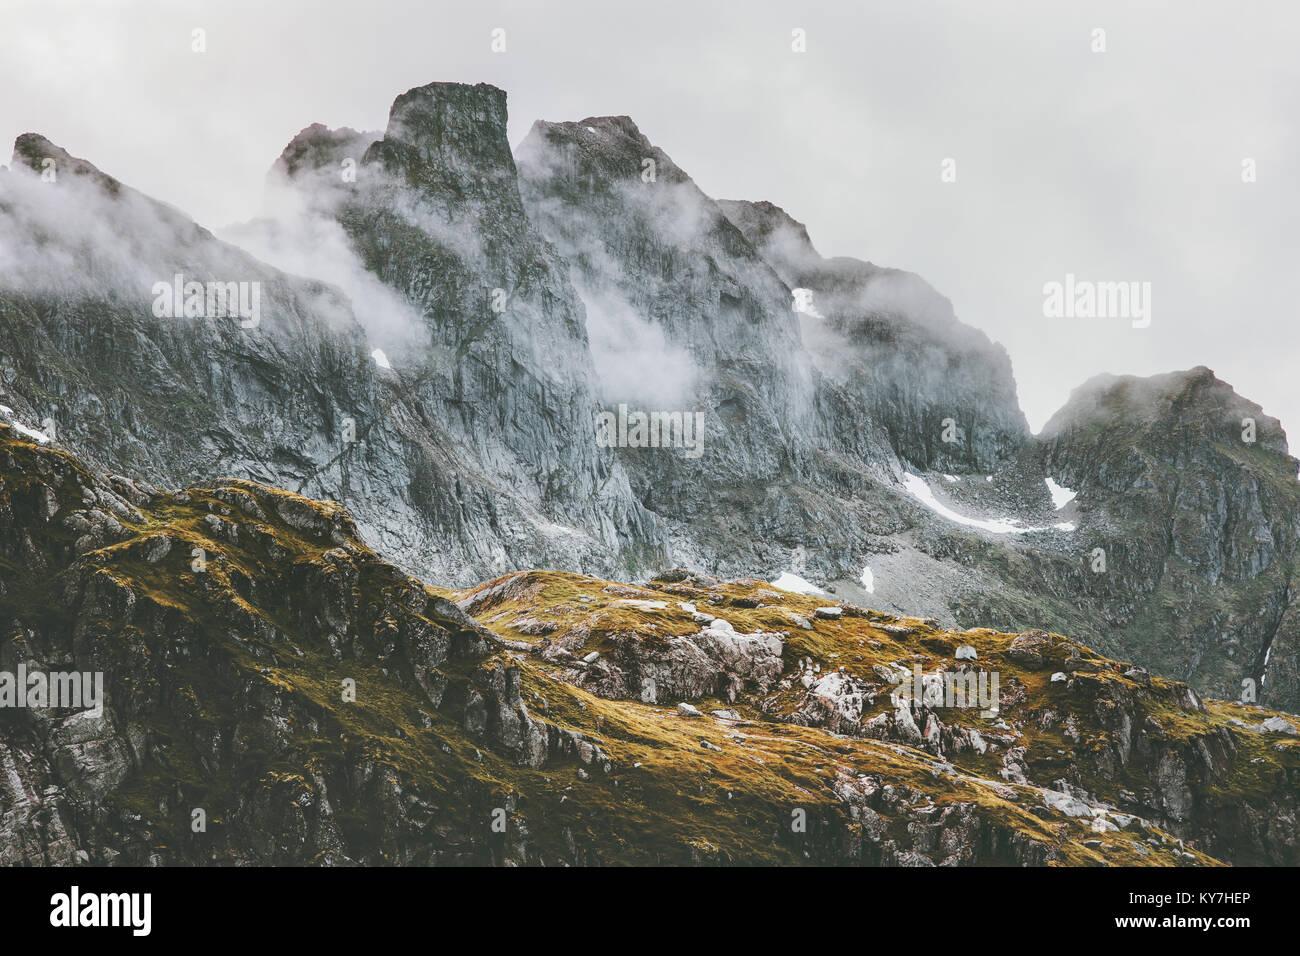 Montagne Rocciose del paesaggio in Norvegia scandinavo escursione di Viaggi natura selvaggia Immagini Stock